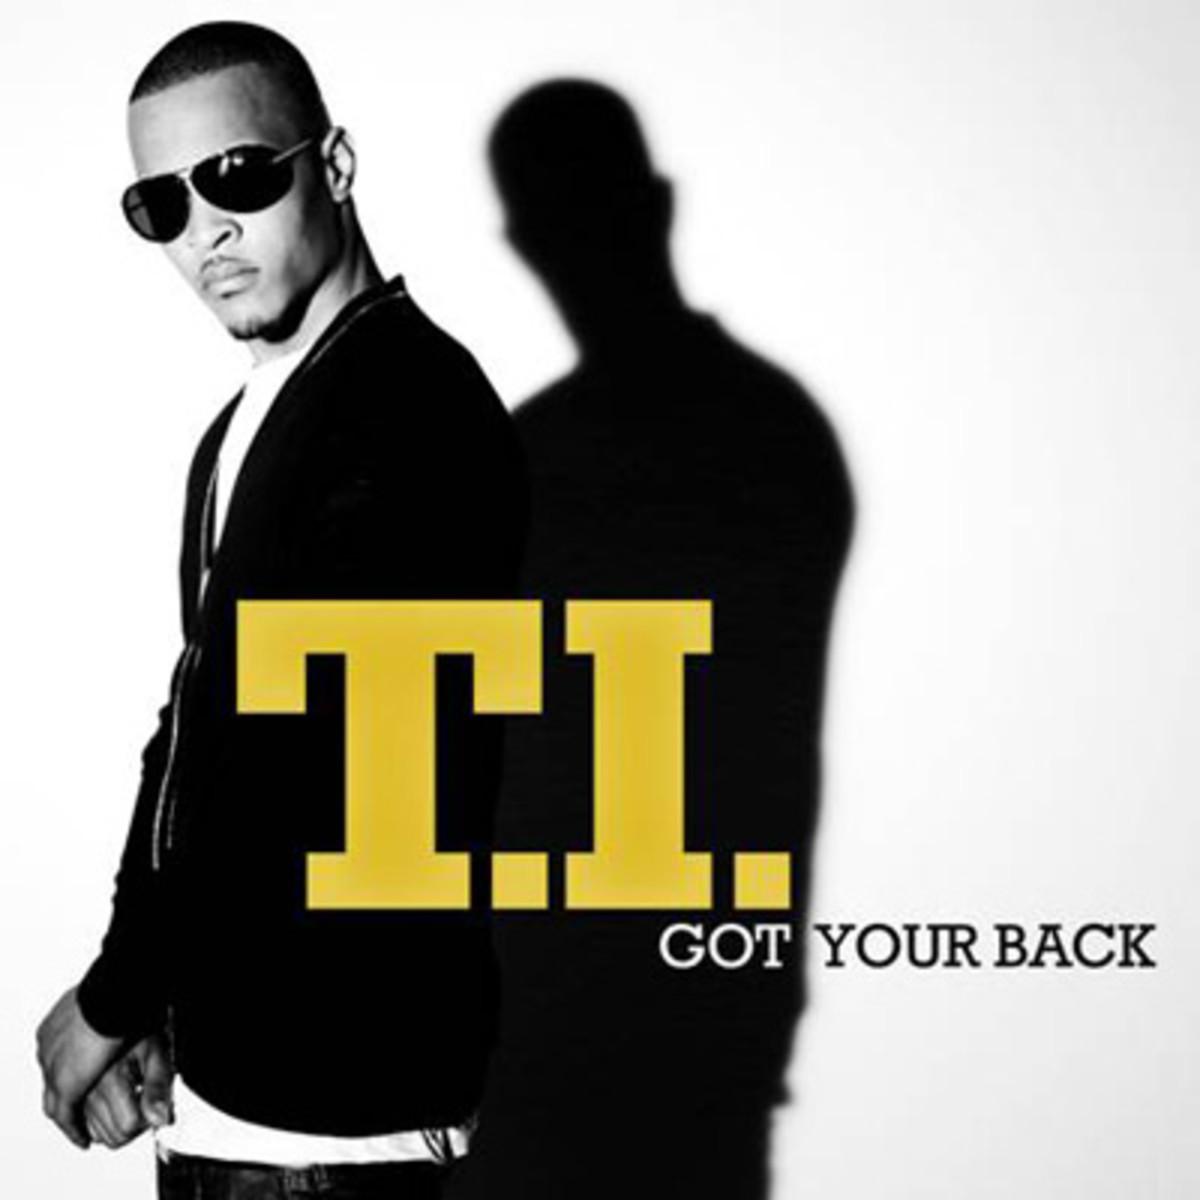 ti-gotyourback.jpg